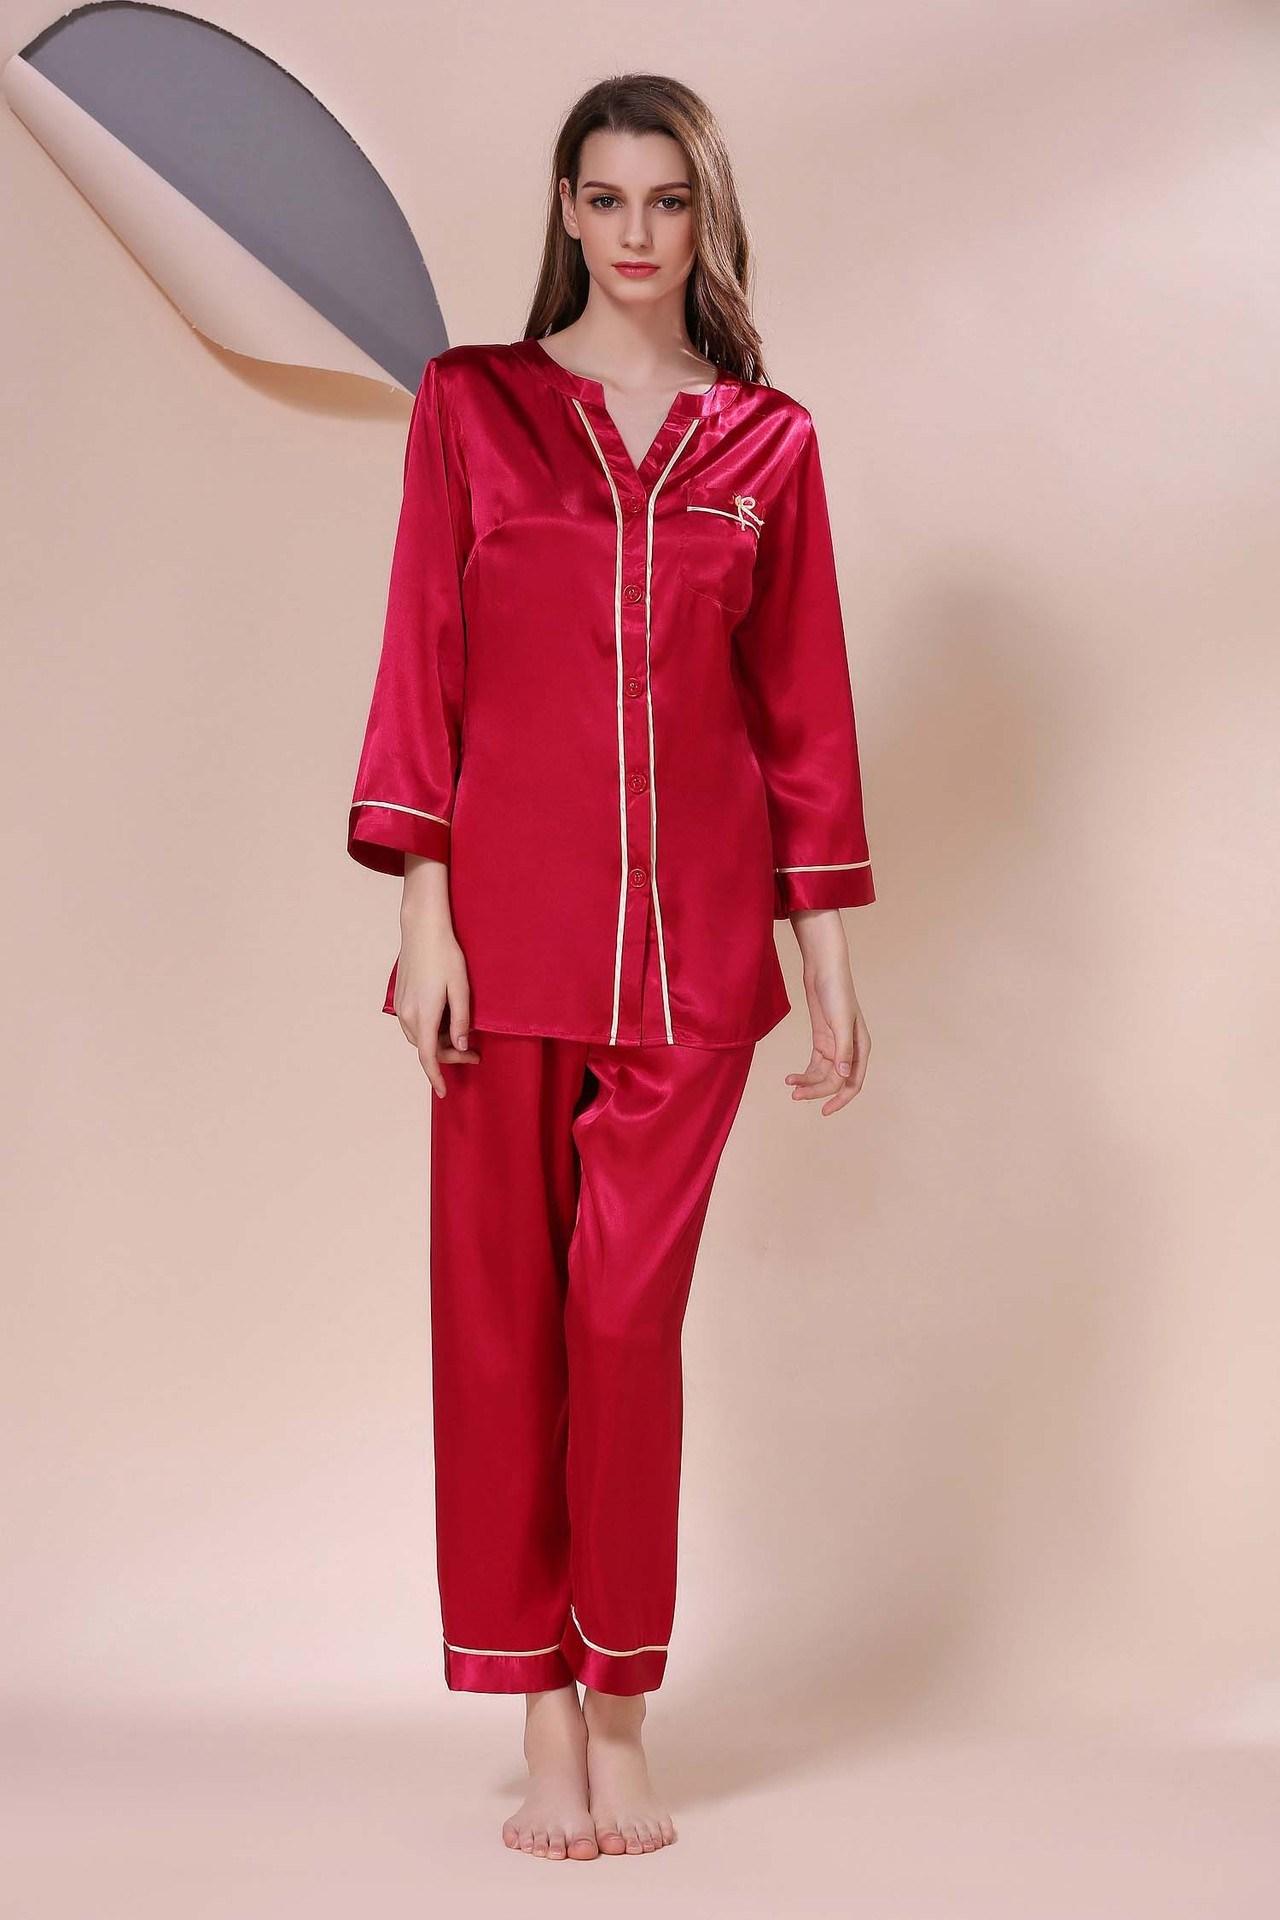 China Sexy Lingerie Ladies Sleepwear Nightwear Women Silk Pajamas Set in Red  Color - China Pajamas 60f200cbf